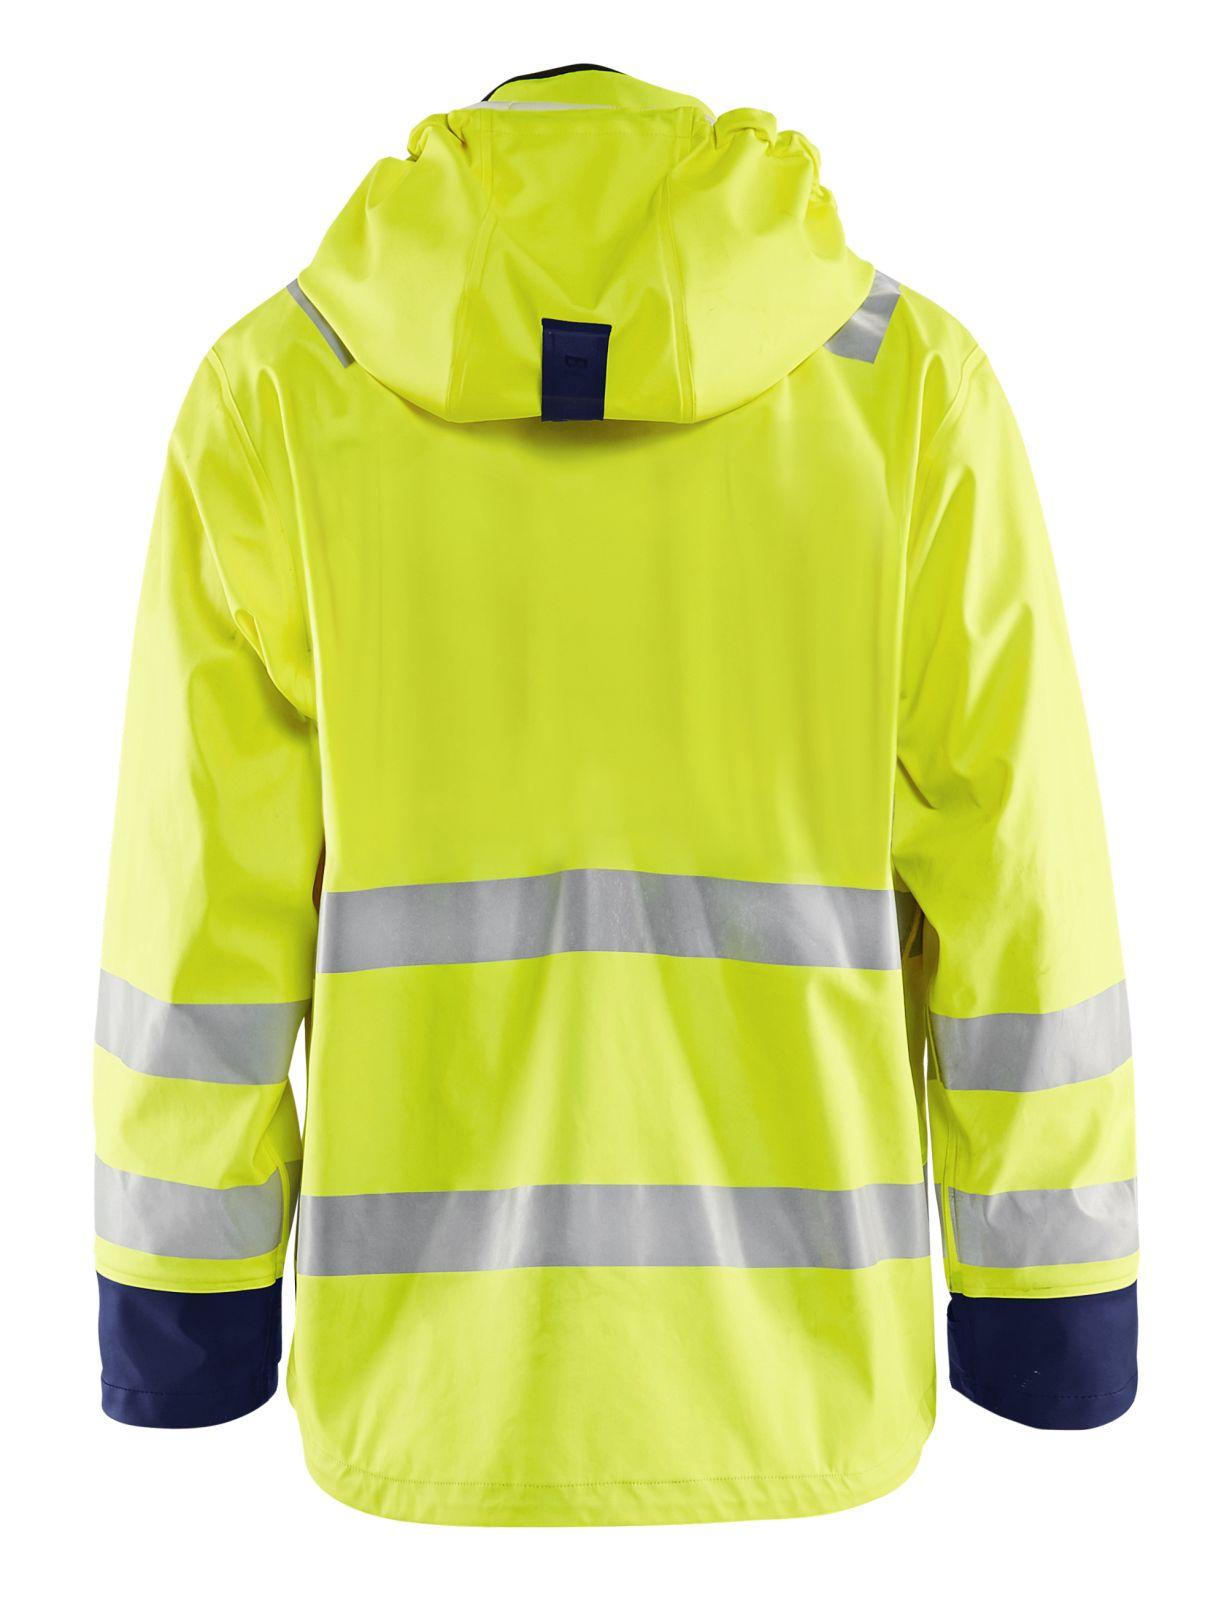 Blaklader Jassen 43272005 High Vis fluo geel-marineblauw(3389)